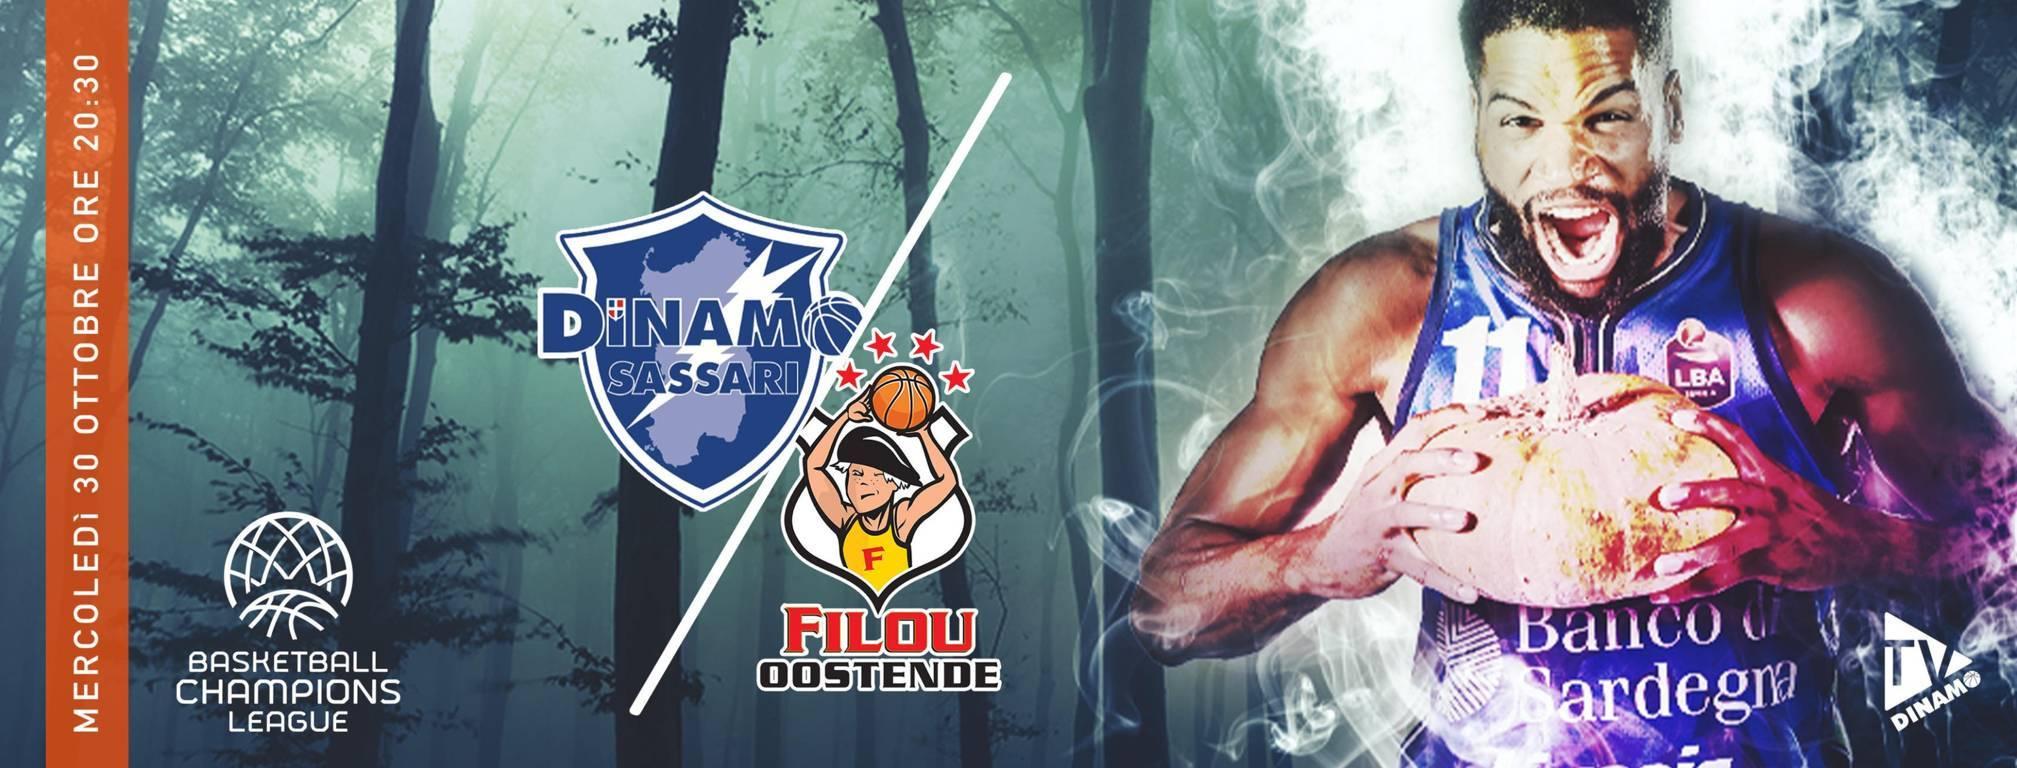 FIBA Basketball Champions League #Game3 2019-20: arriva a Sassari il Filou Oostende in un match da vincere